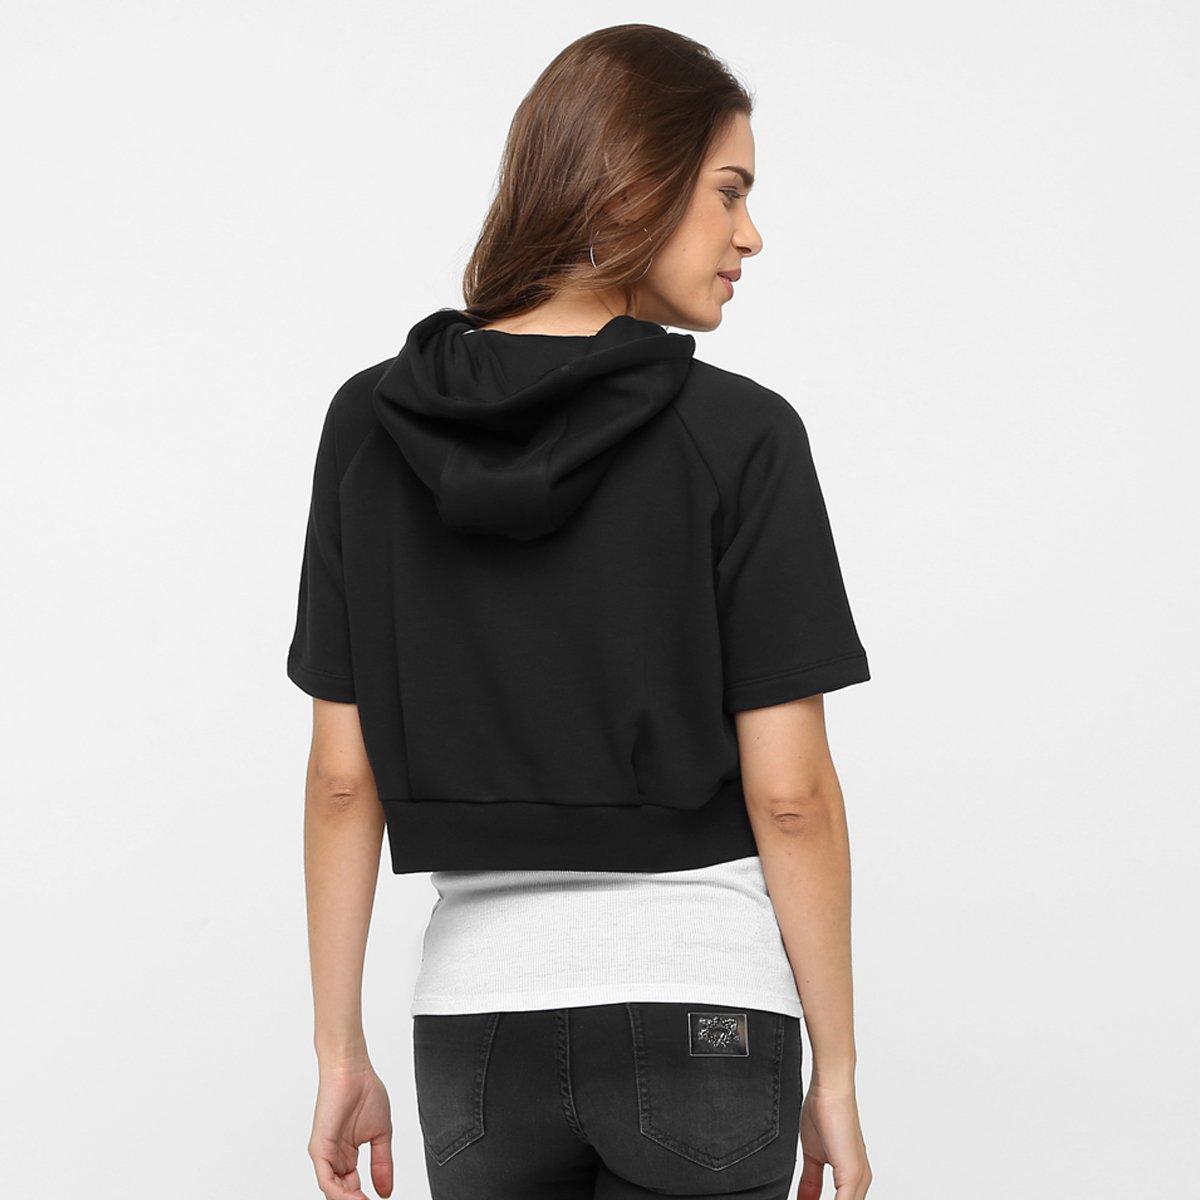 Moletom Adidas Originals Run Crop Hood c  Capuz - Compre Agora ... 838de85a07ceb